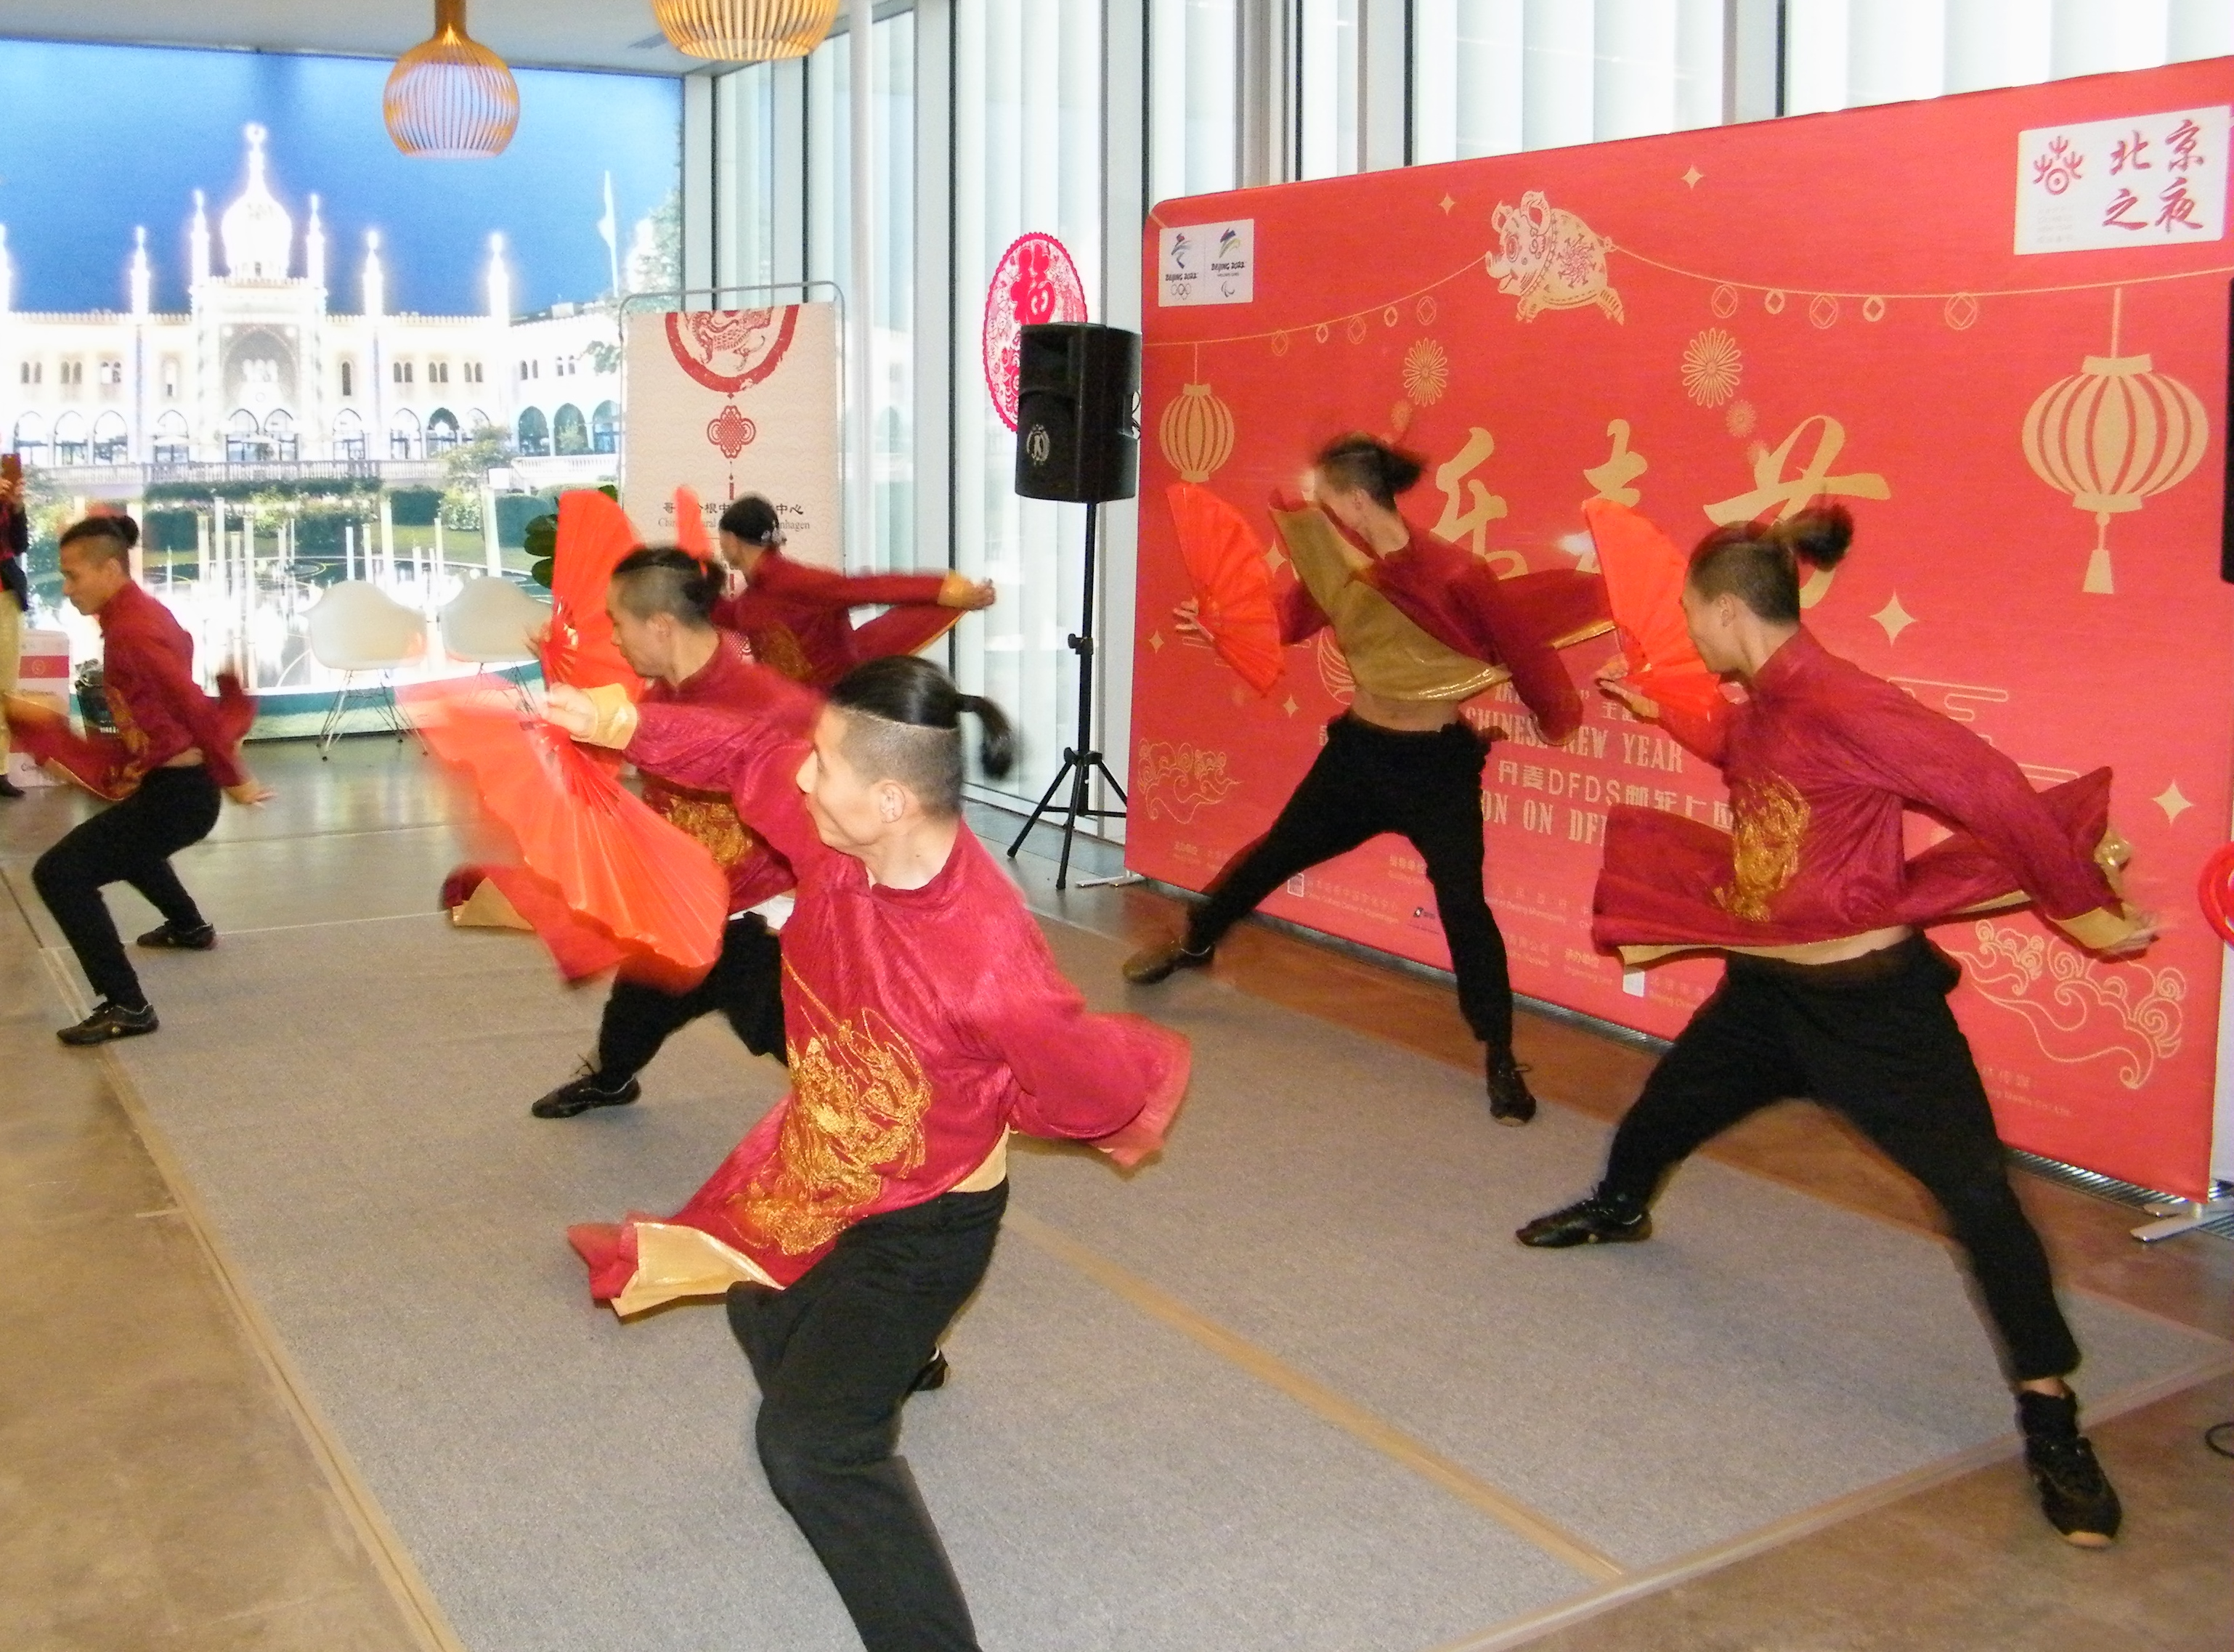 Før DFDS' afgang søndag fra terminalen i København var der masser af kinesisk underholdning; her specialister i kinesisk kampsport. Foto: Henrik Baumgarten.